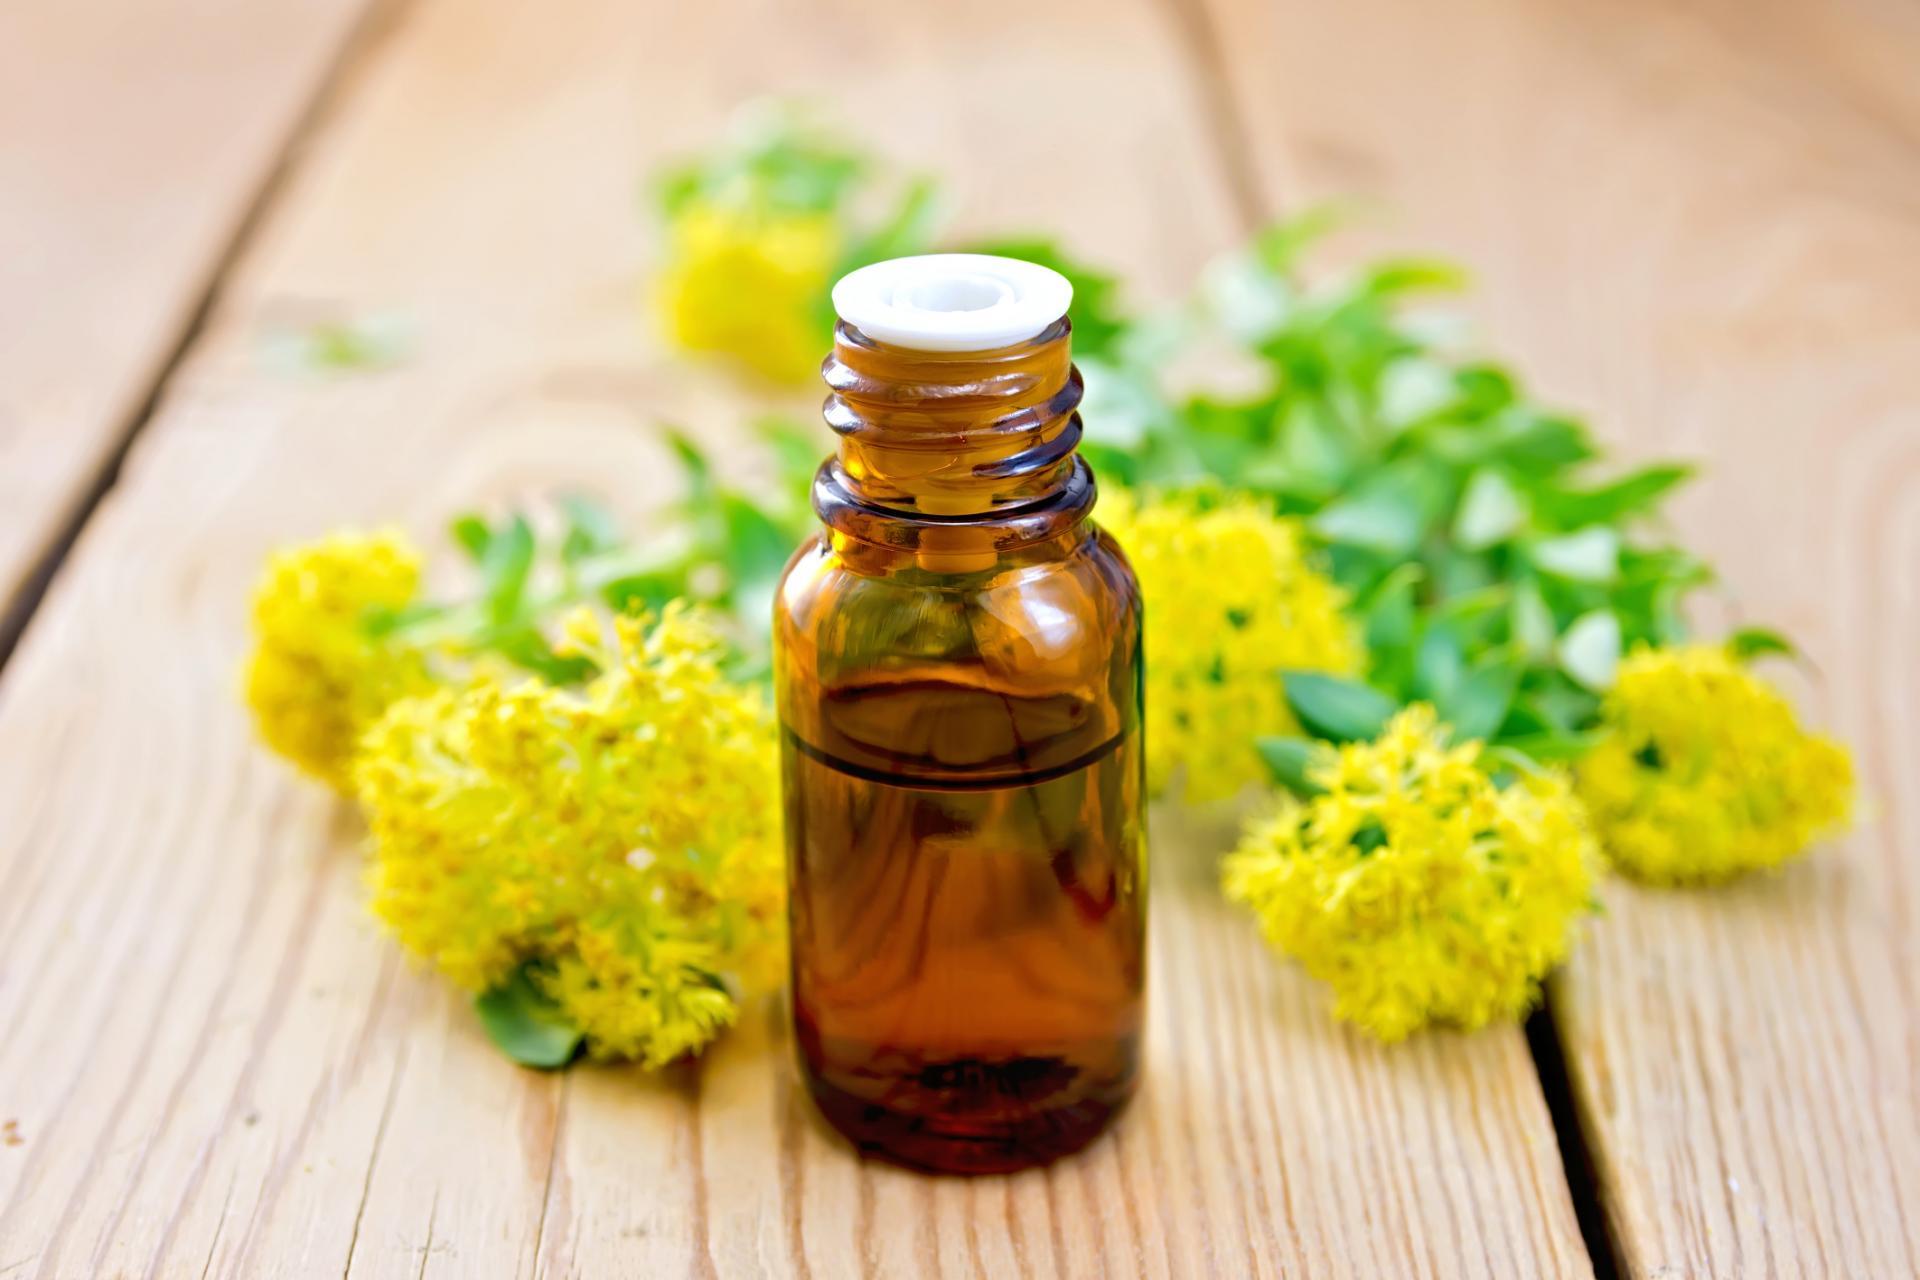 Эфирное масло пачули: свойства, применение, запах, отзывы